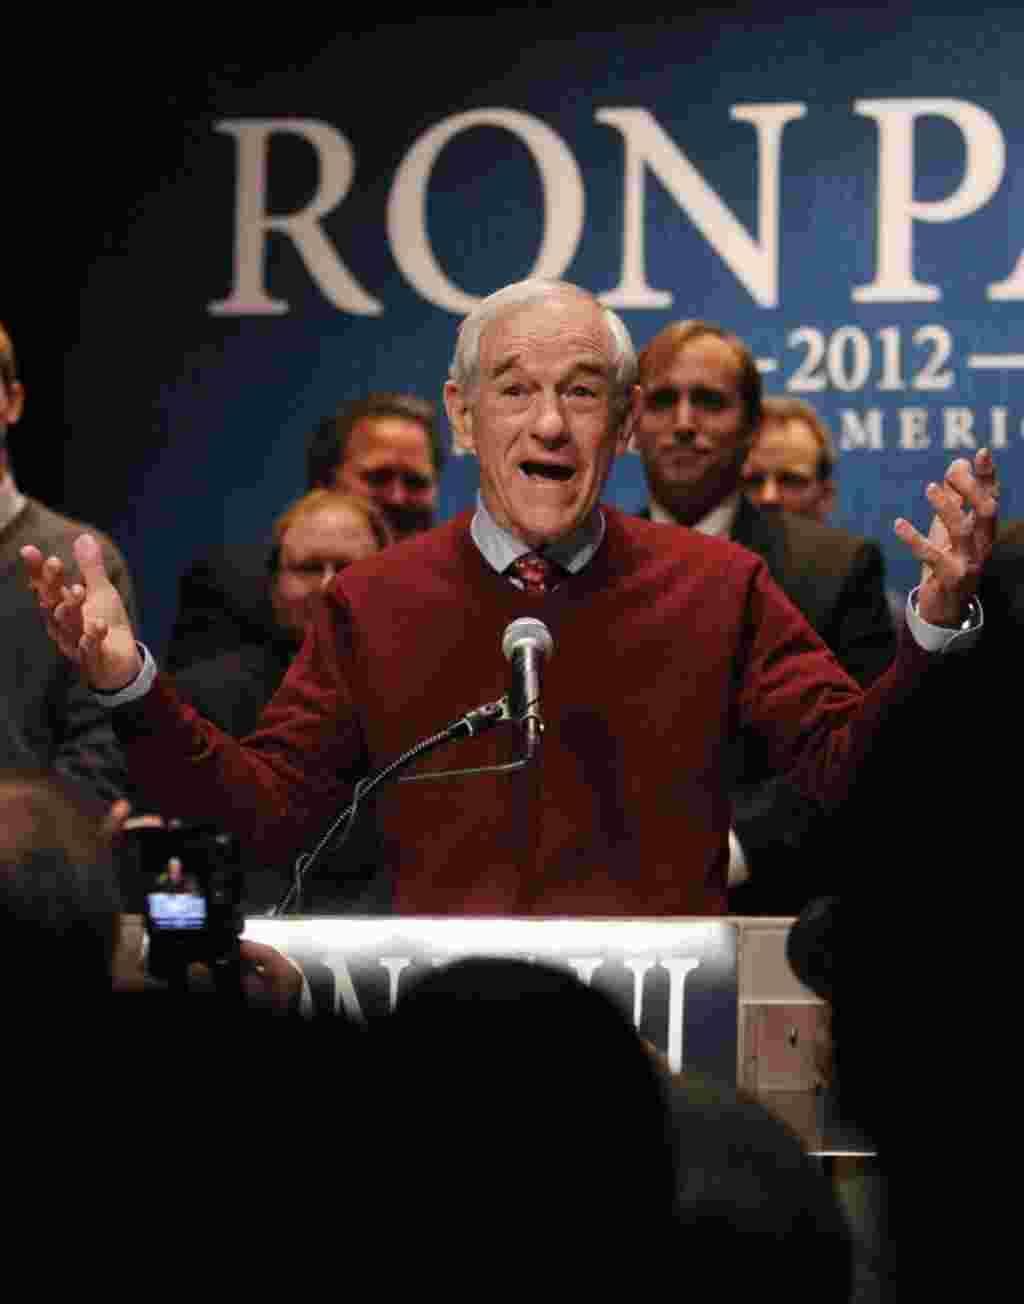 Bakal calon presiden dari Partai Republik, Ron Paul, berbicara kepada para pendukungnya pada malam berlangsungnya kaukus di Golden Valley, MInnesota (7/2) (REUTERS).